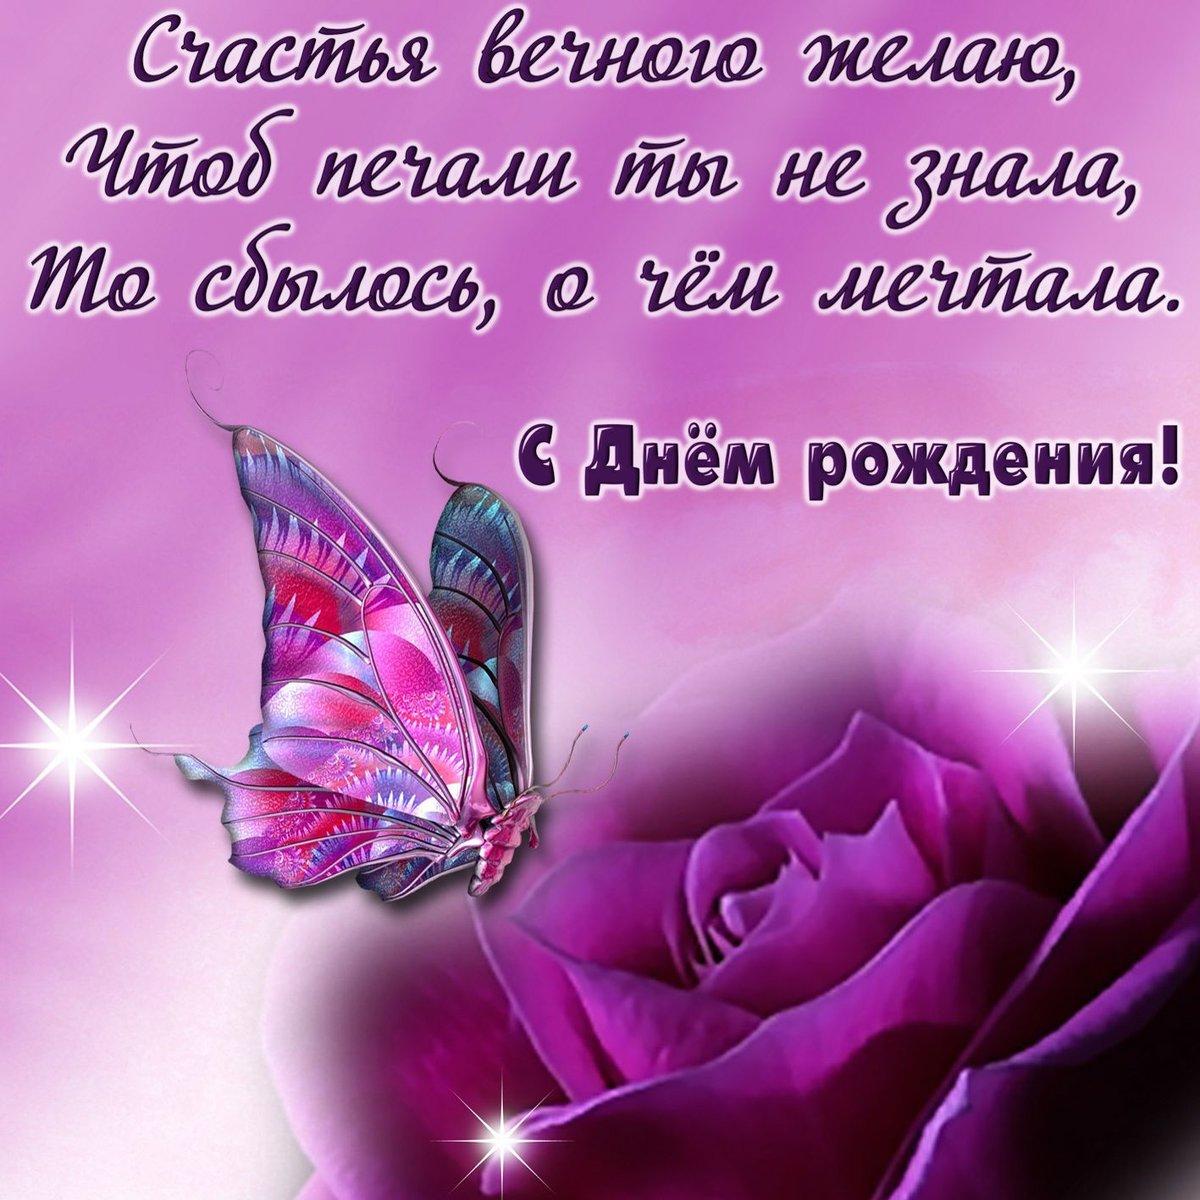 Бабочка картинка с поздравлением, днем учите картинки